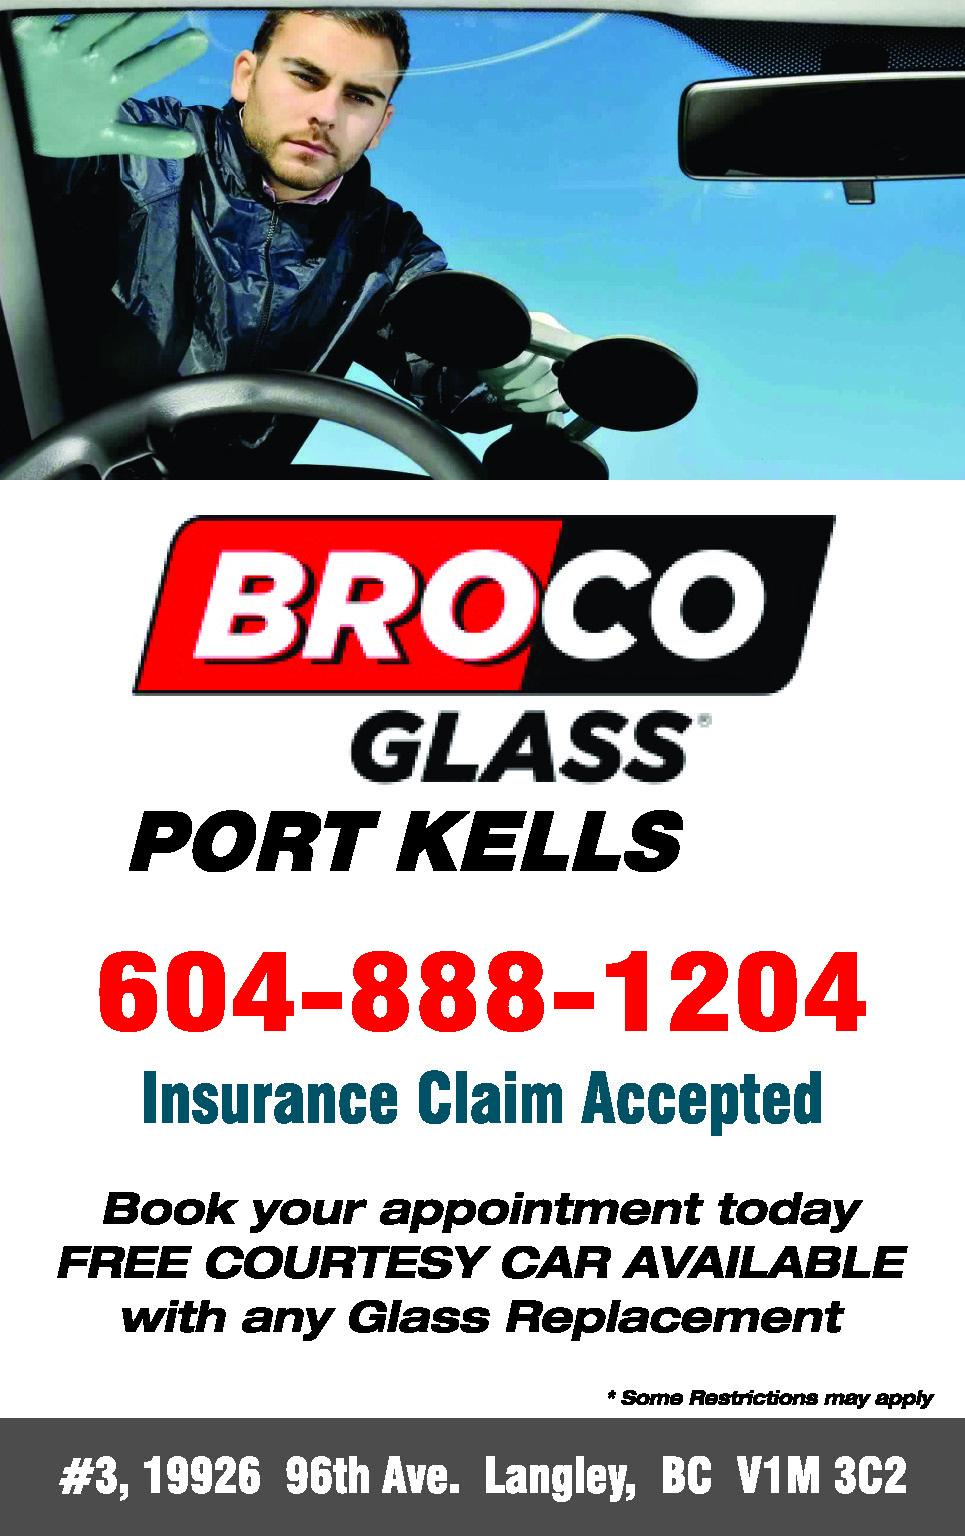 broco-glass-port-kells-H8aAkJb.jpeg